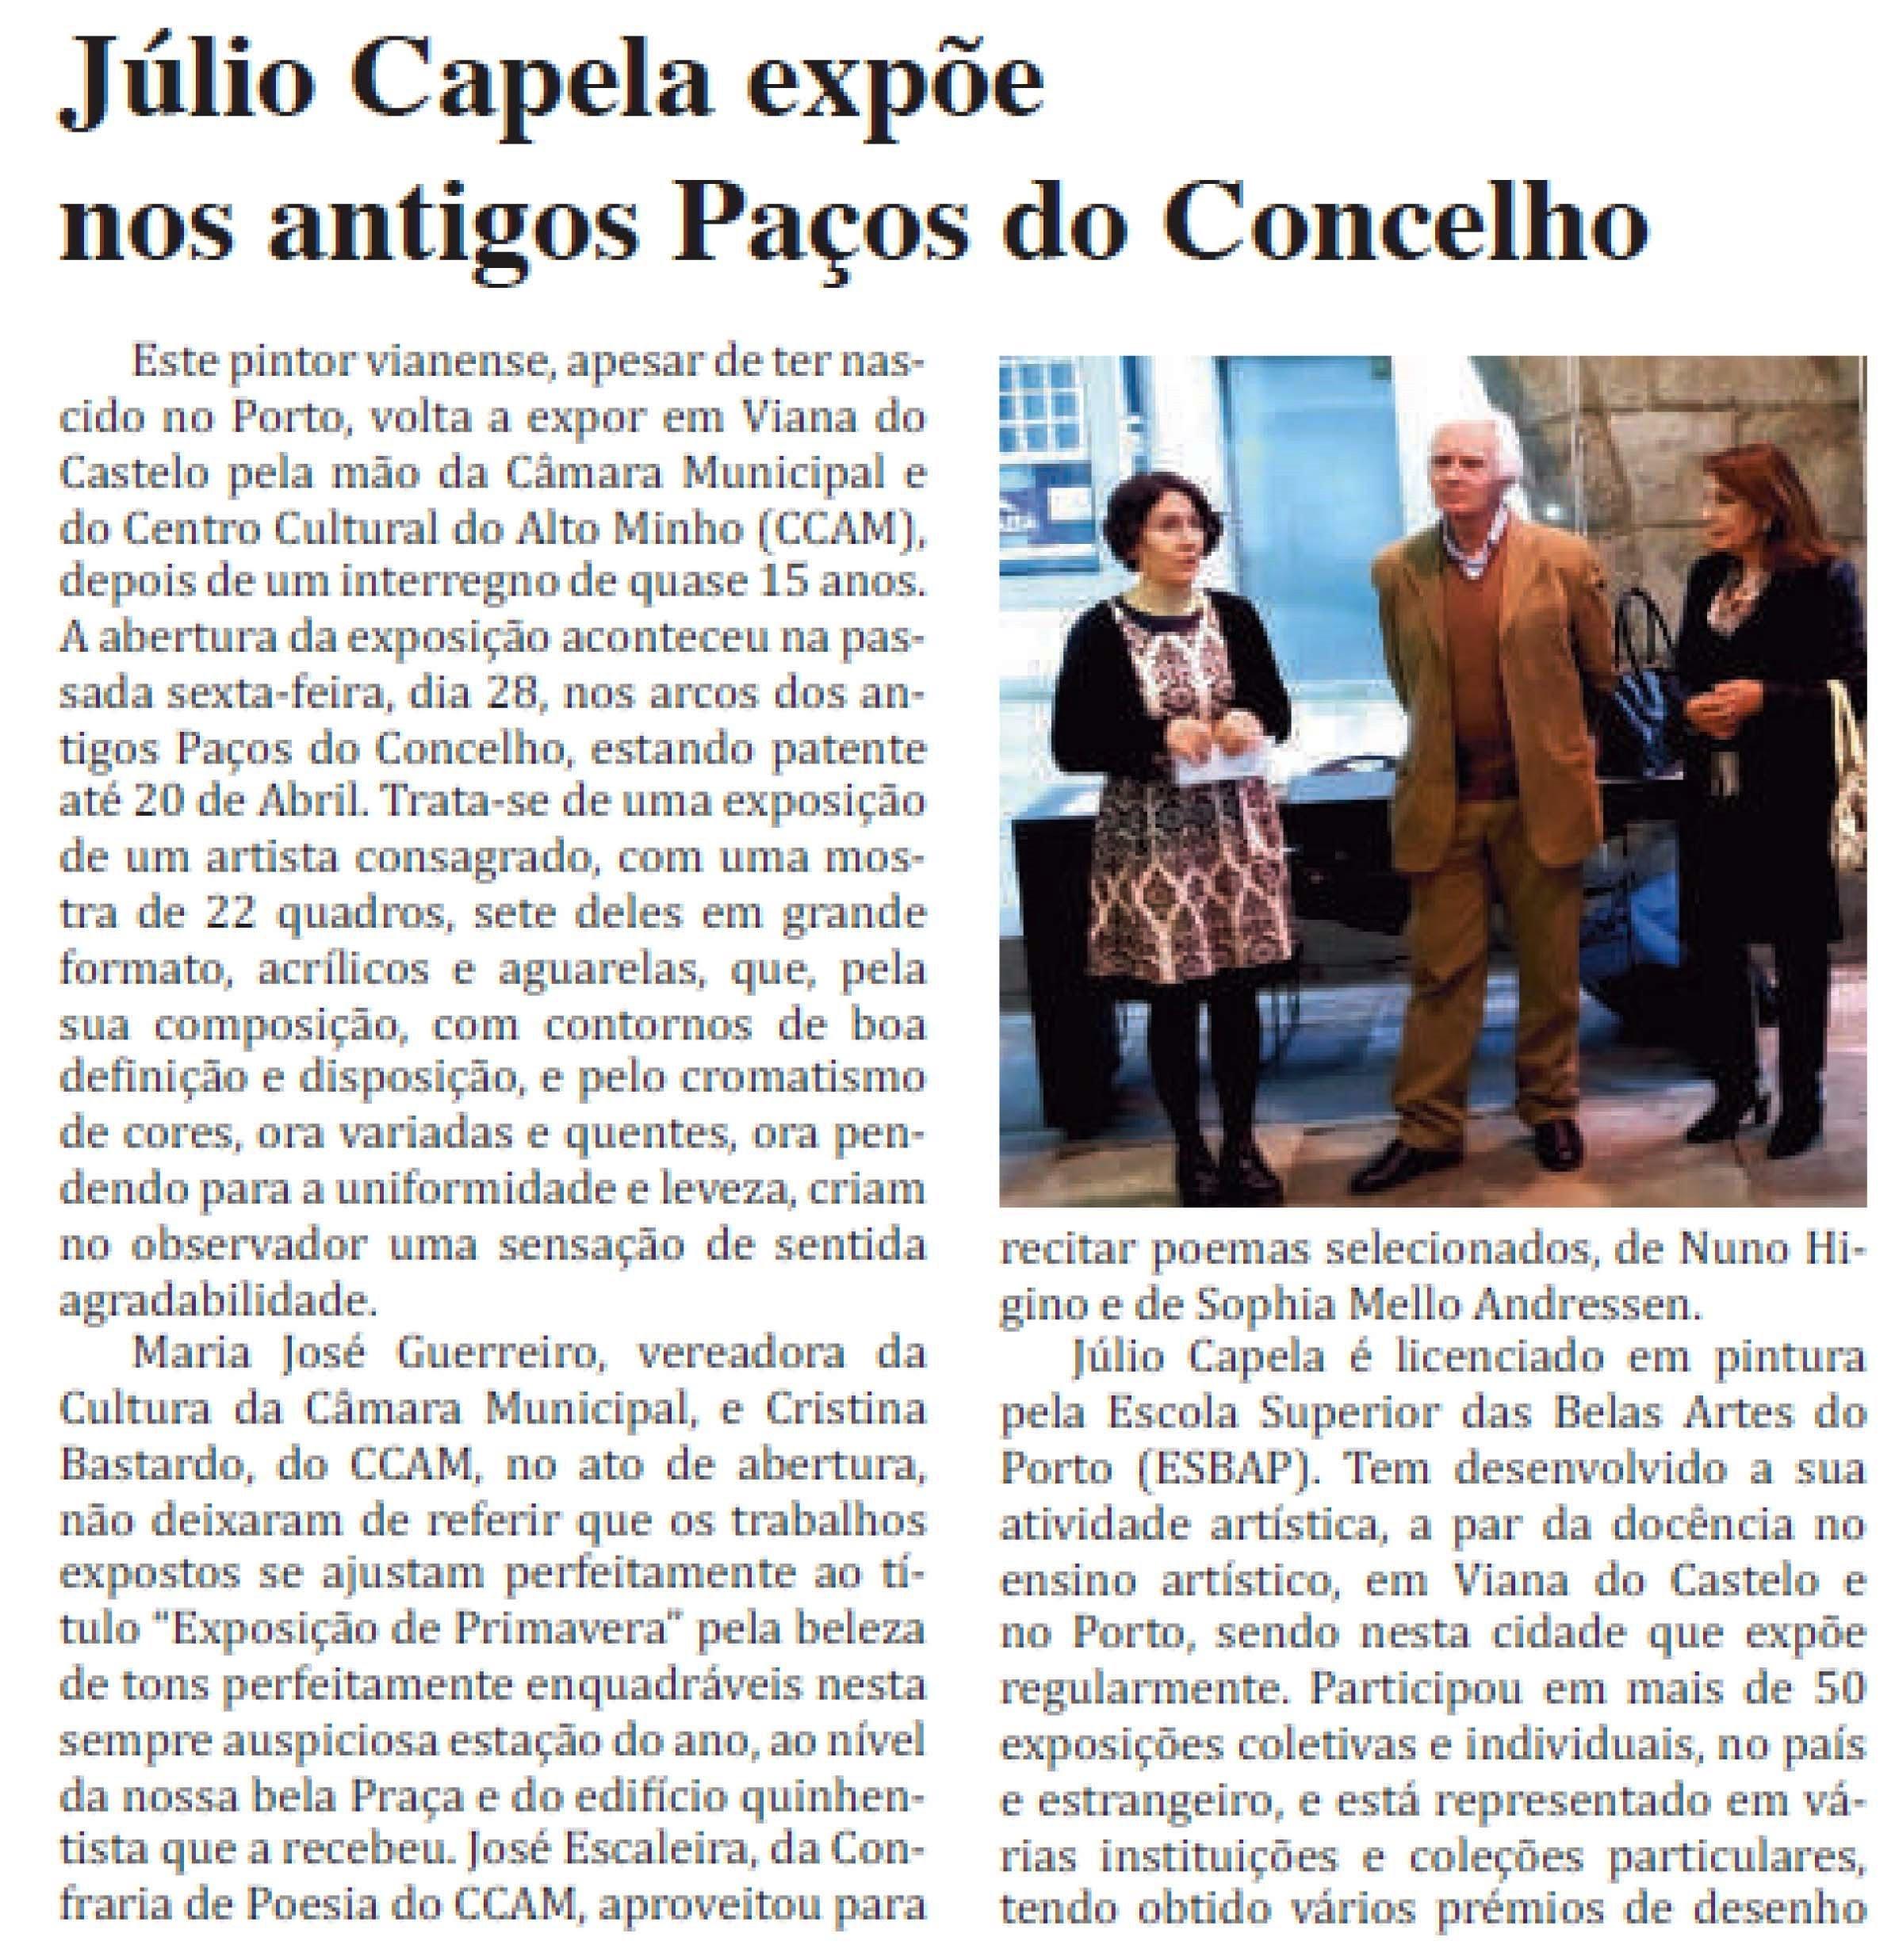 https://sites.google.com/a/centroculturaldoaltominho.org/ccam/actividades-realizadas/2014/Nota_Aurora.jpg?attredirects=0